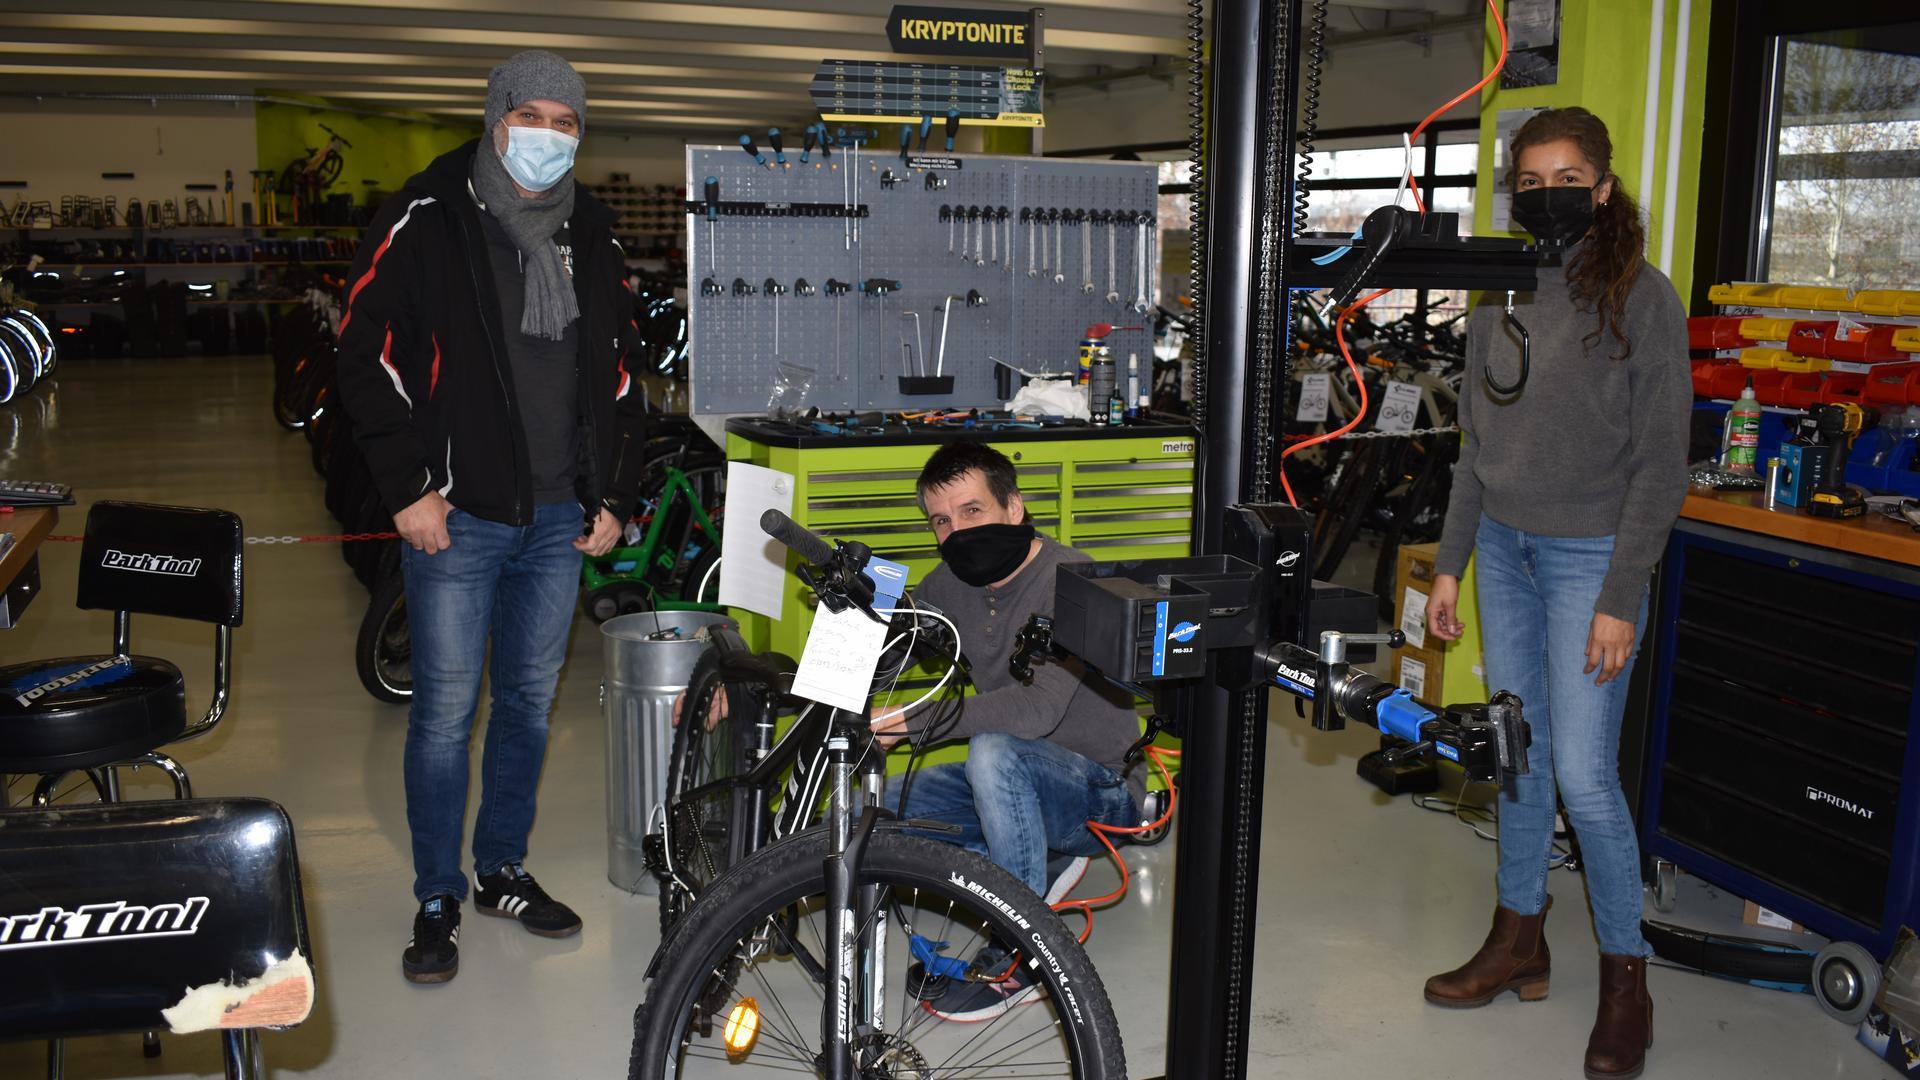 """Volker Szameit, Inhaber des Fahrradgeschäfts mit Werkstatt """"Happy Bike"""" am Bruchsaler Siemenskreisel freut sich, dass wenigstens die Werkstatt geöffnet bleiben darf und dass er Vater Uwe Greulich das frisch reparierte Fahrrad für Sohn Kilian übergeben kann. Sein Angebot richtet sich an Sportler und an Familien."""